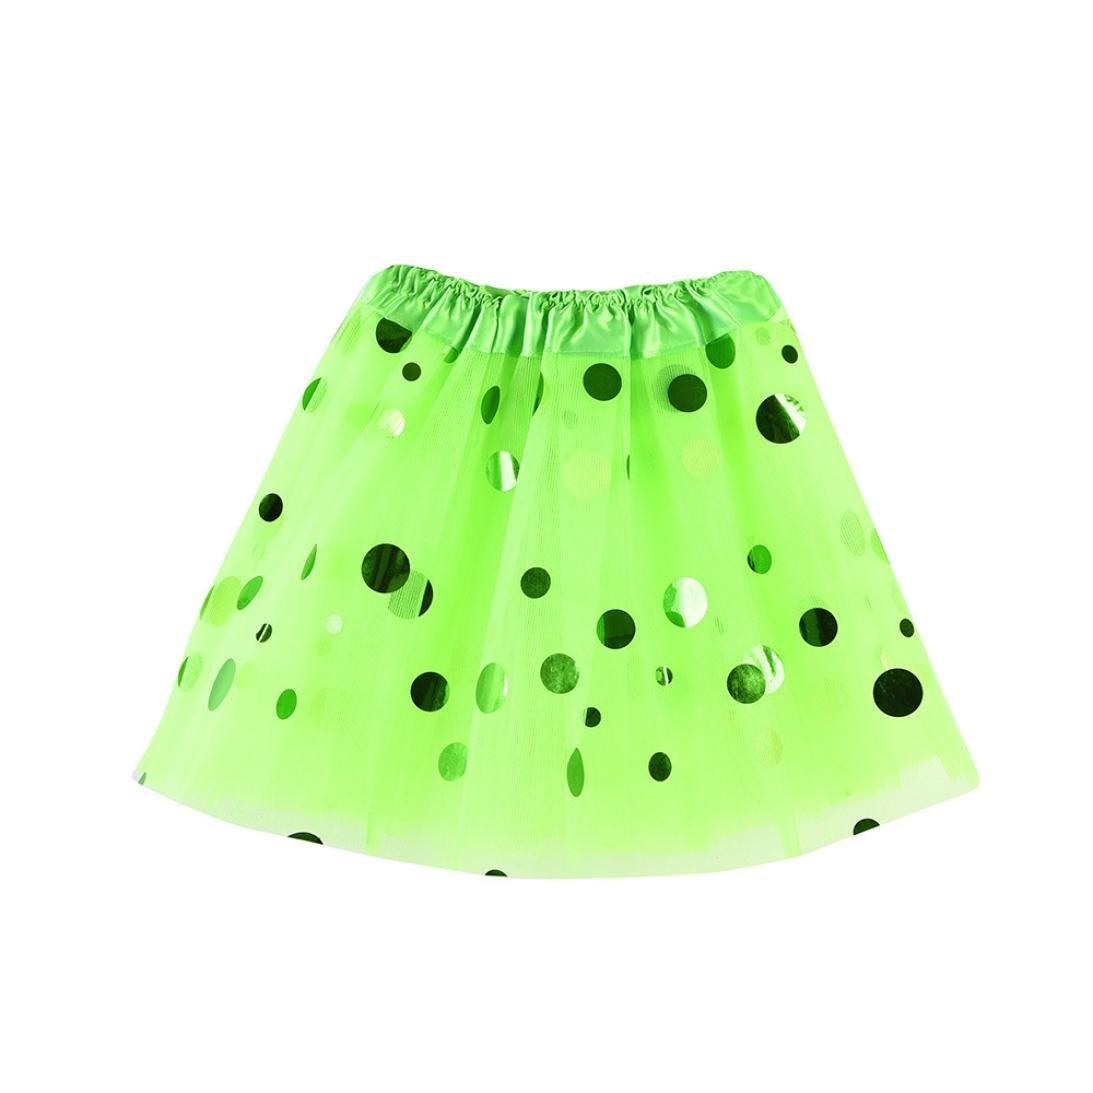 Inkach Baby Tutu Skirt - Toddler Girls Polka Dot Printed Ballet Skirts Dance Fluffy Tulle Petticoat (Green)